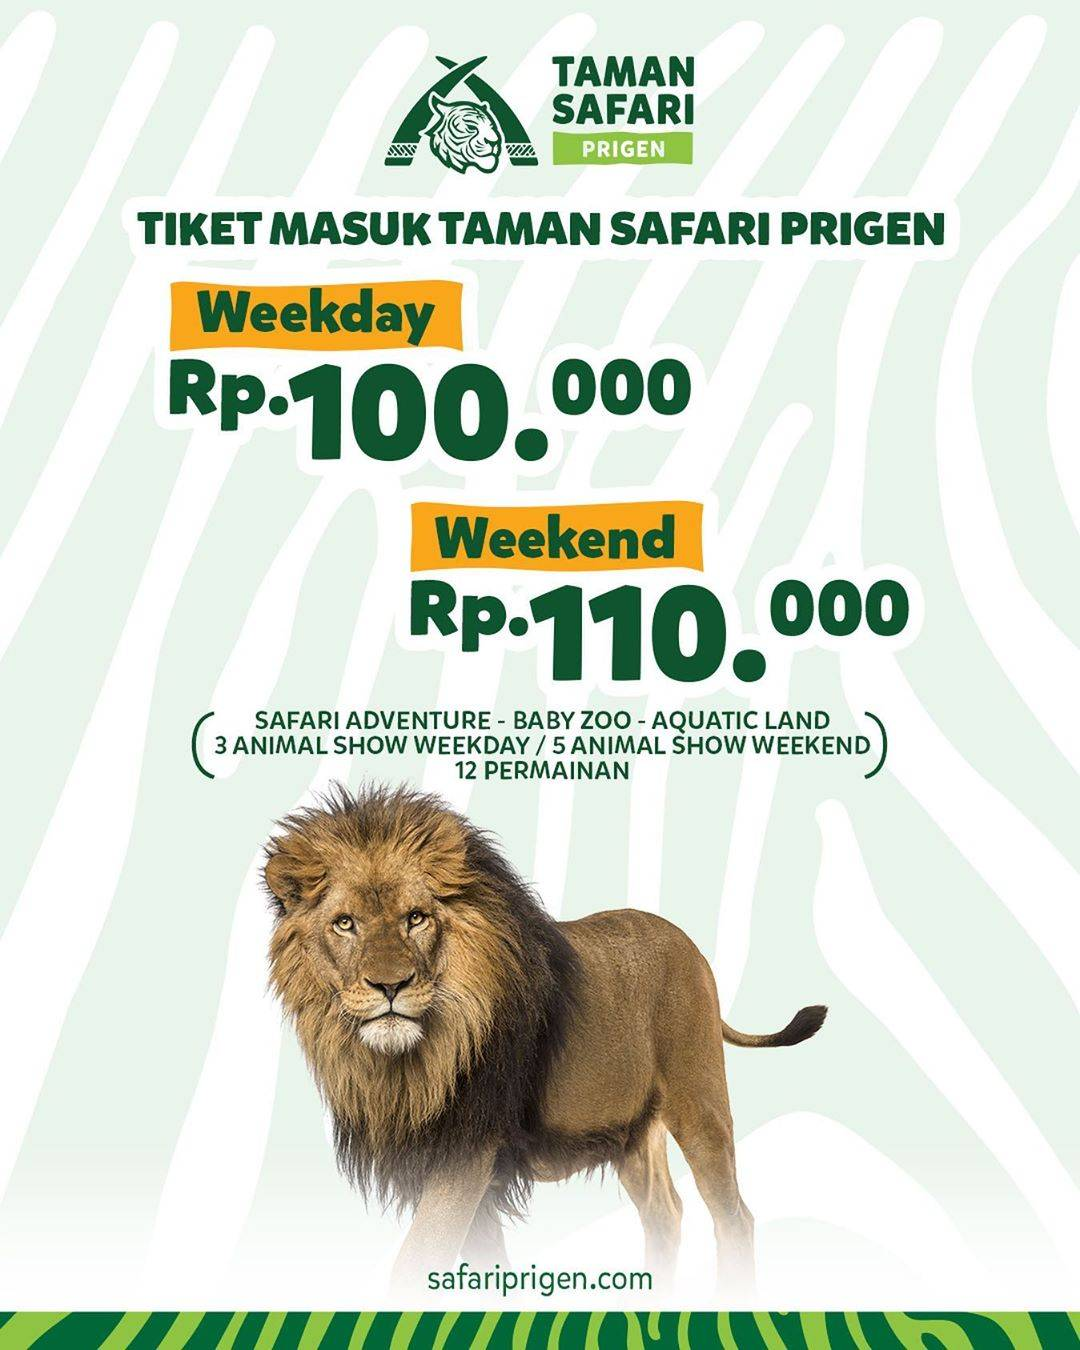 Diskon Taman Safari Harga Tiket Masuk Mulai Dari Rp. 100.000